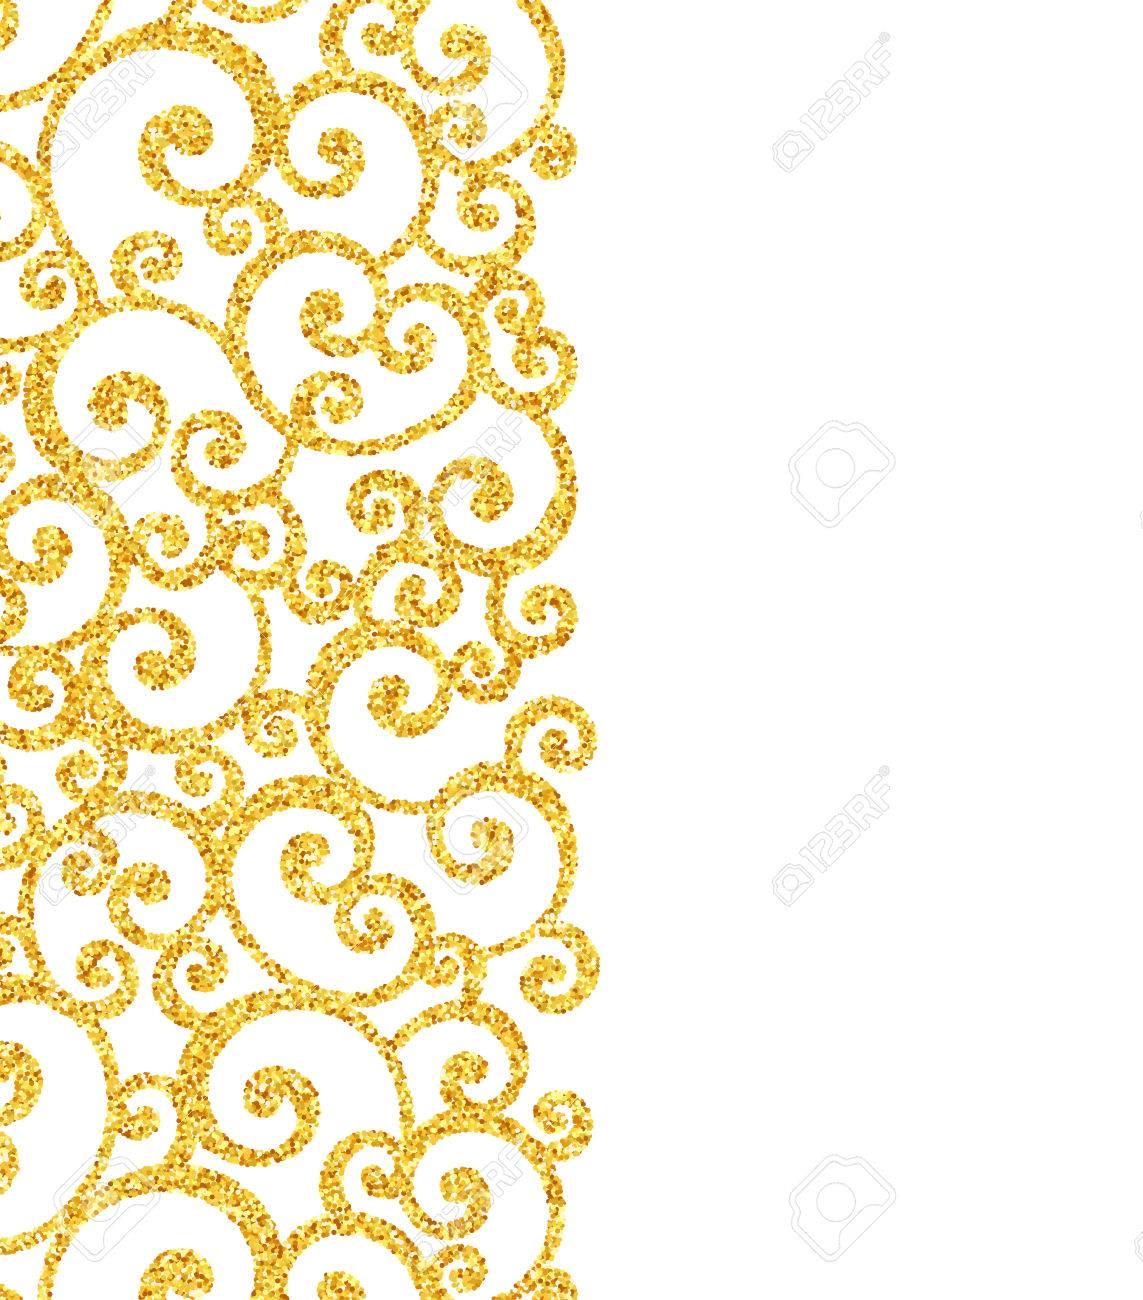 vector gold glitter swirl pattern golden sparkles on white